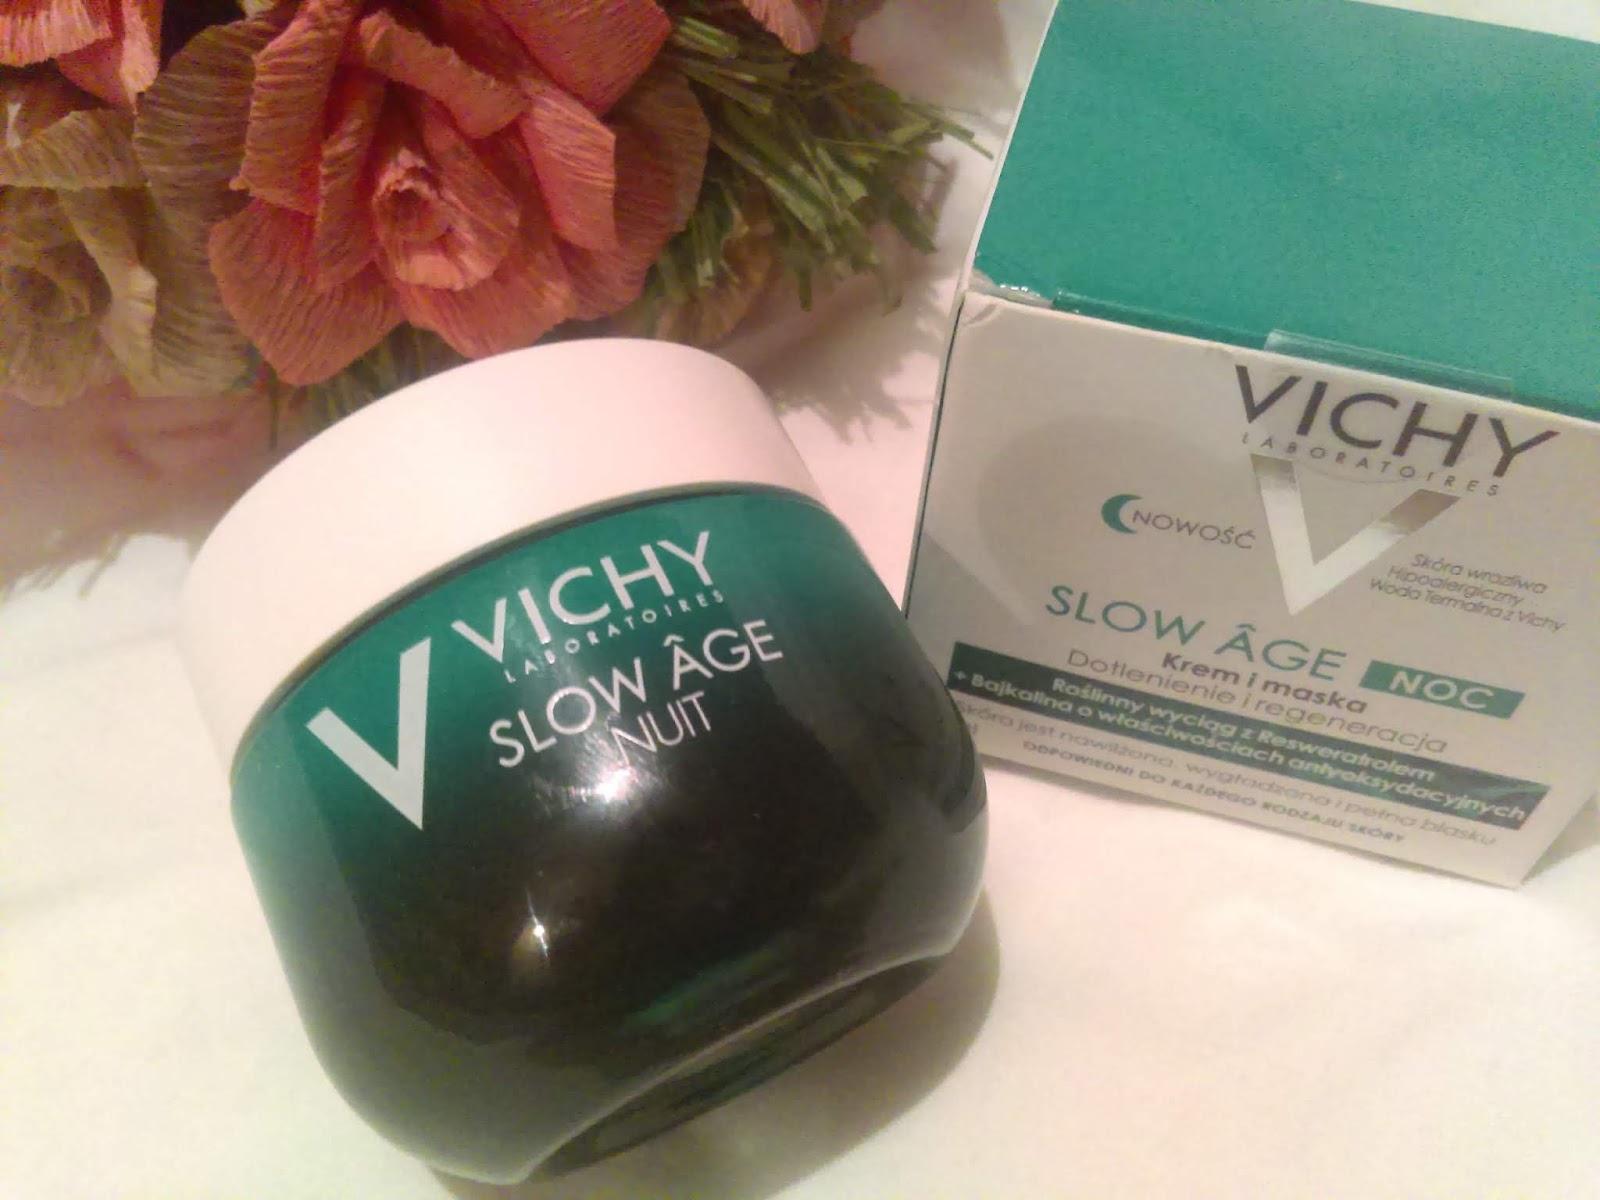 Krem maska Vichy Slow Age